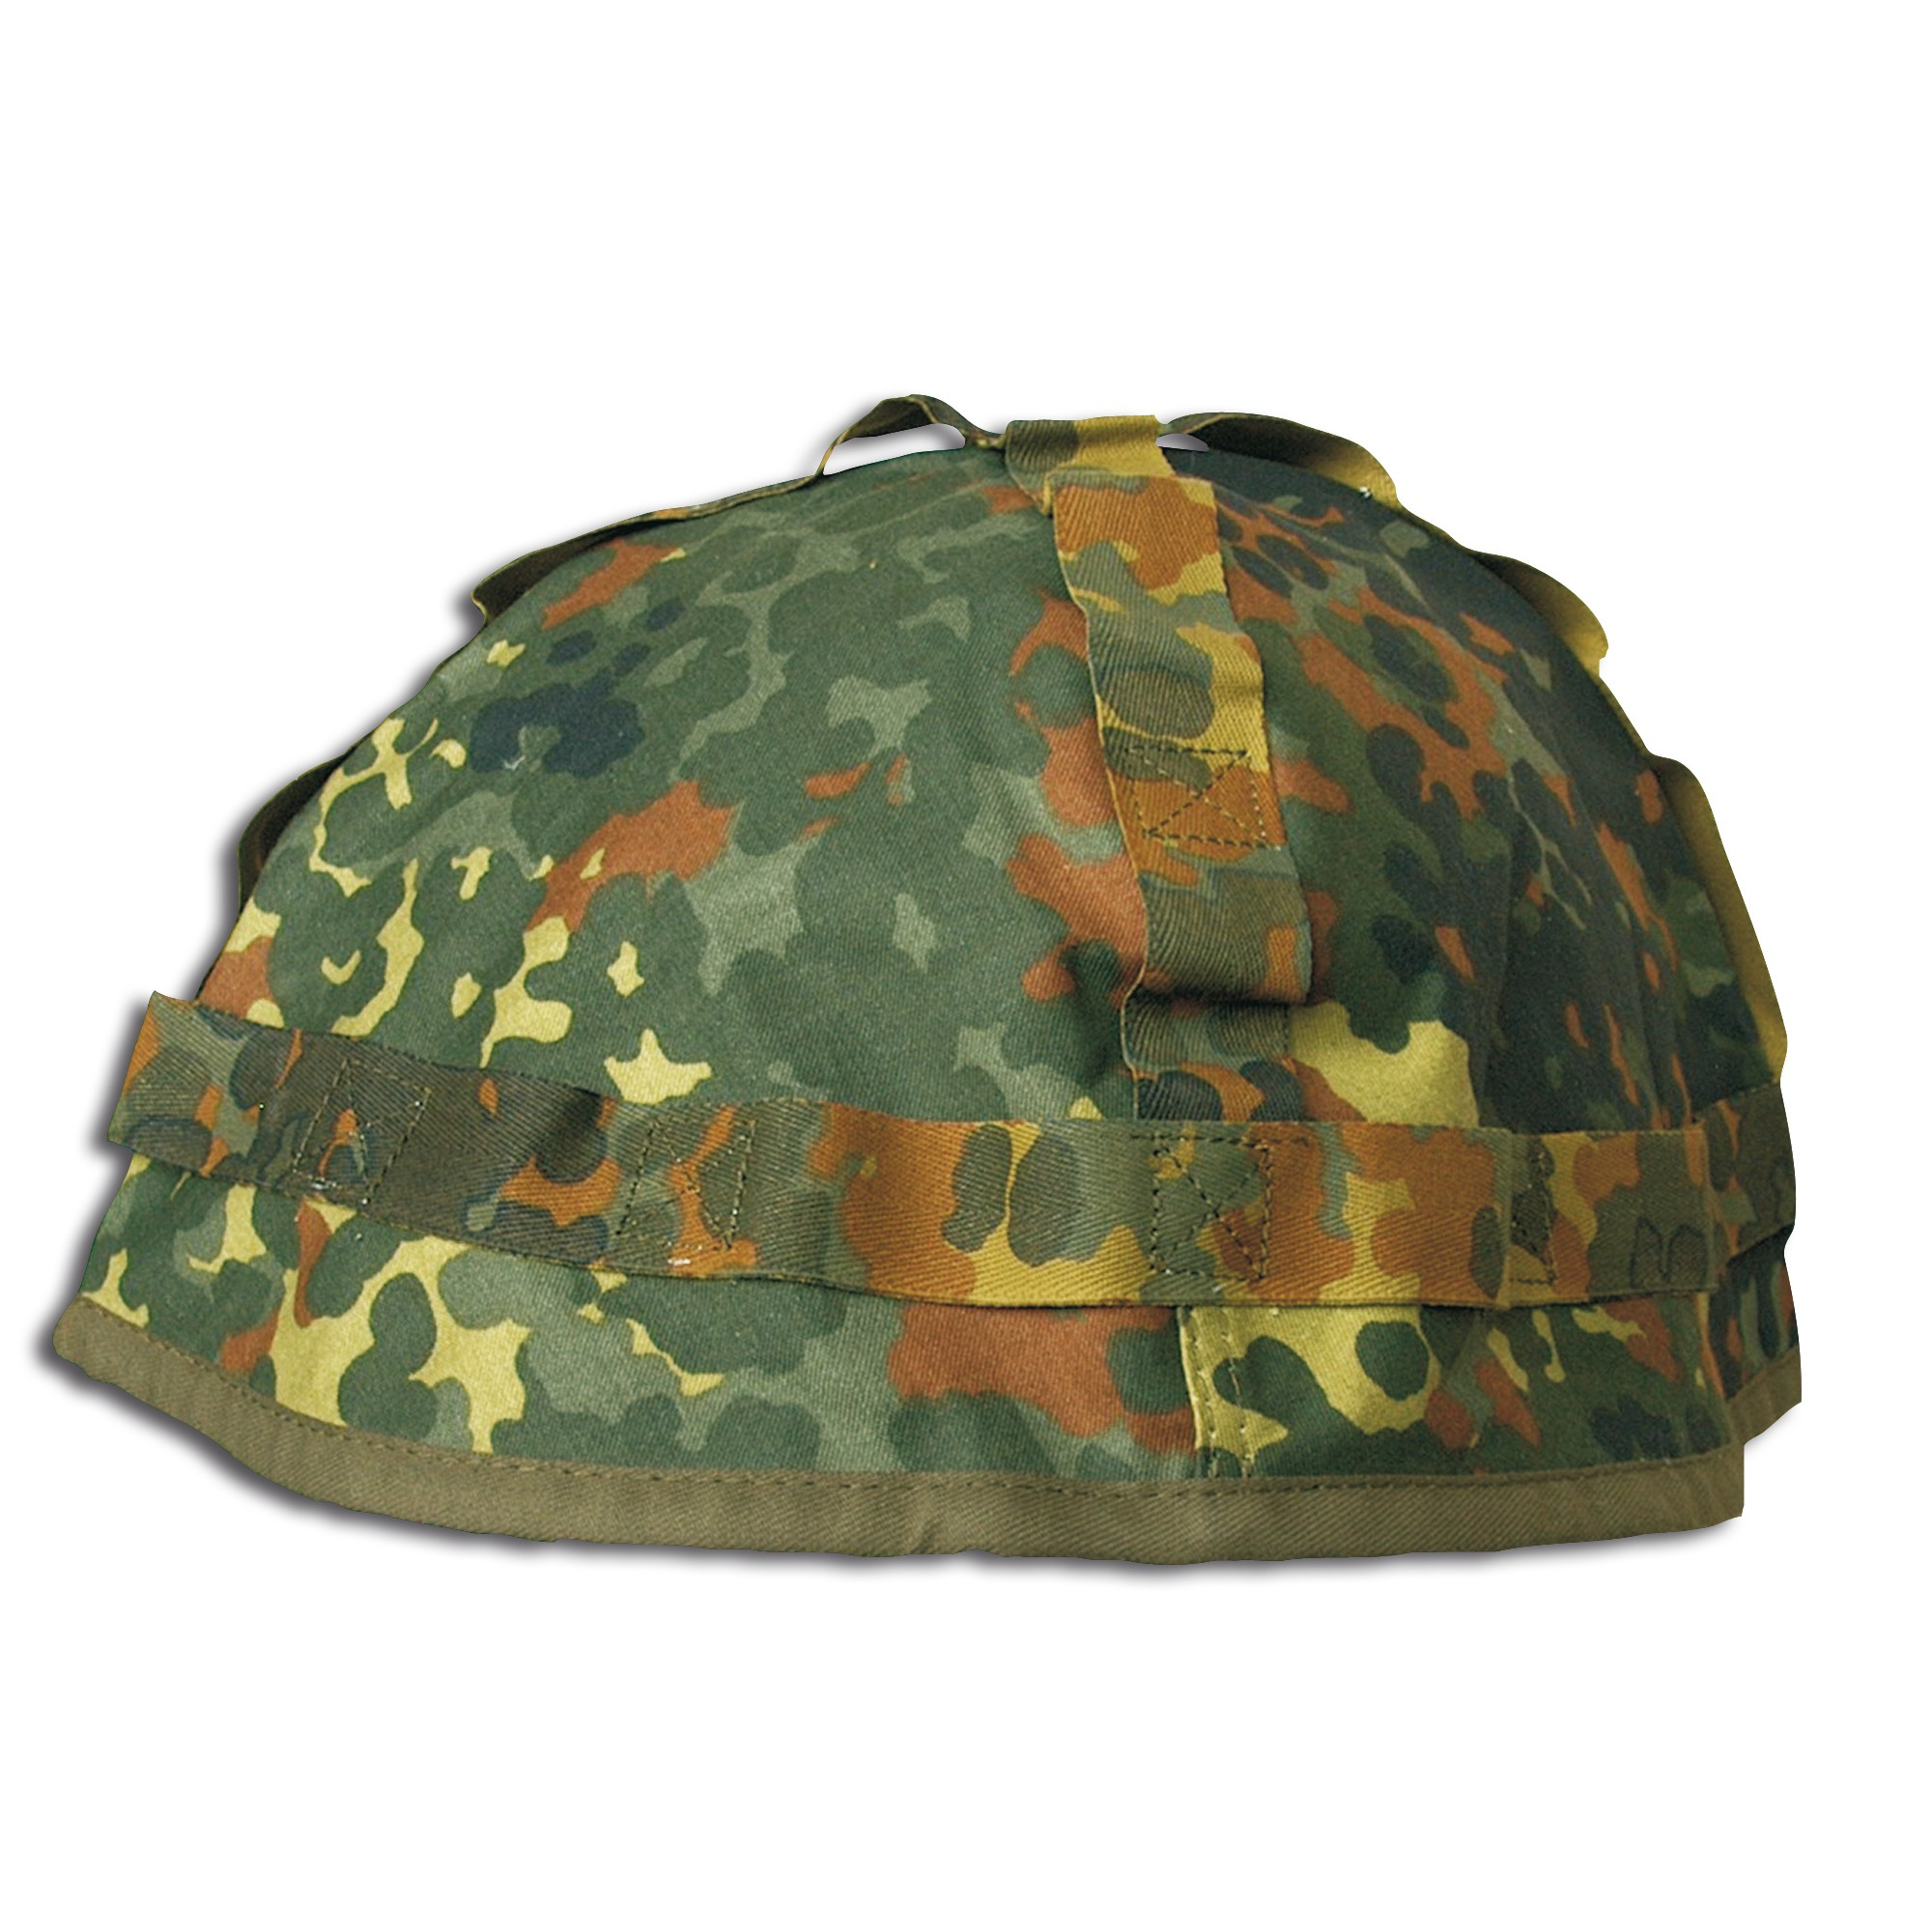 Helmbezug flecktarn für Stahlhelm gebraucht